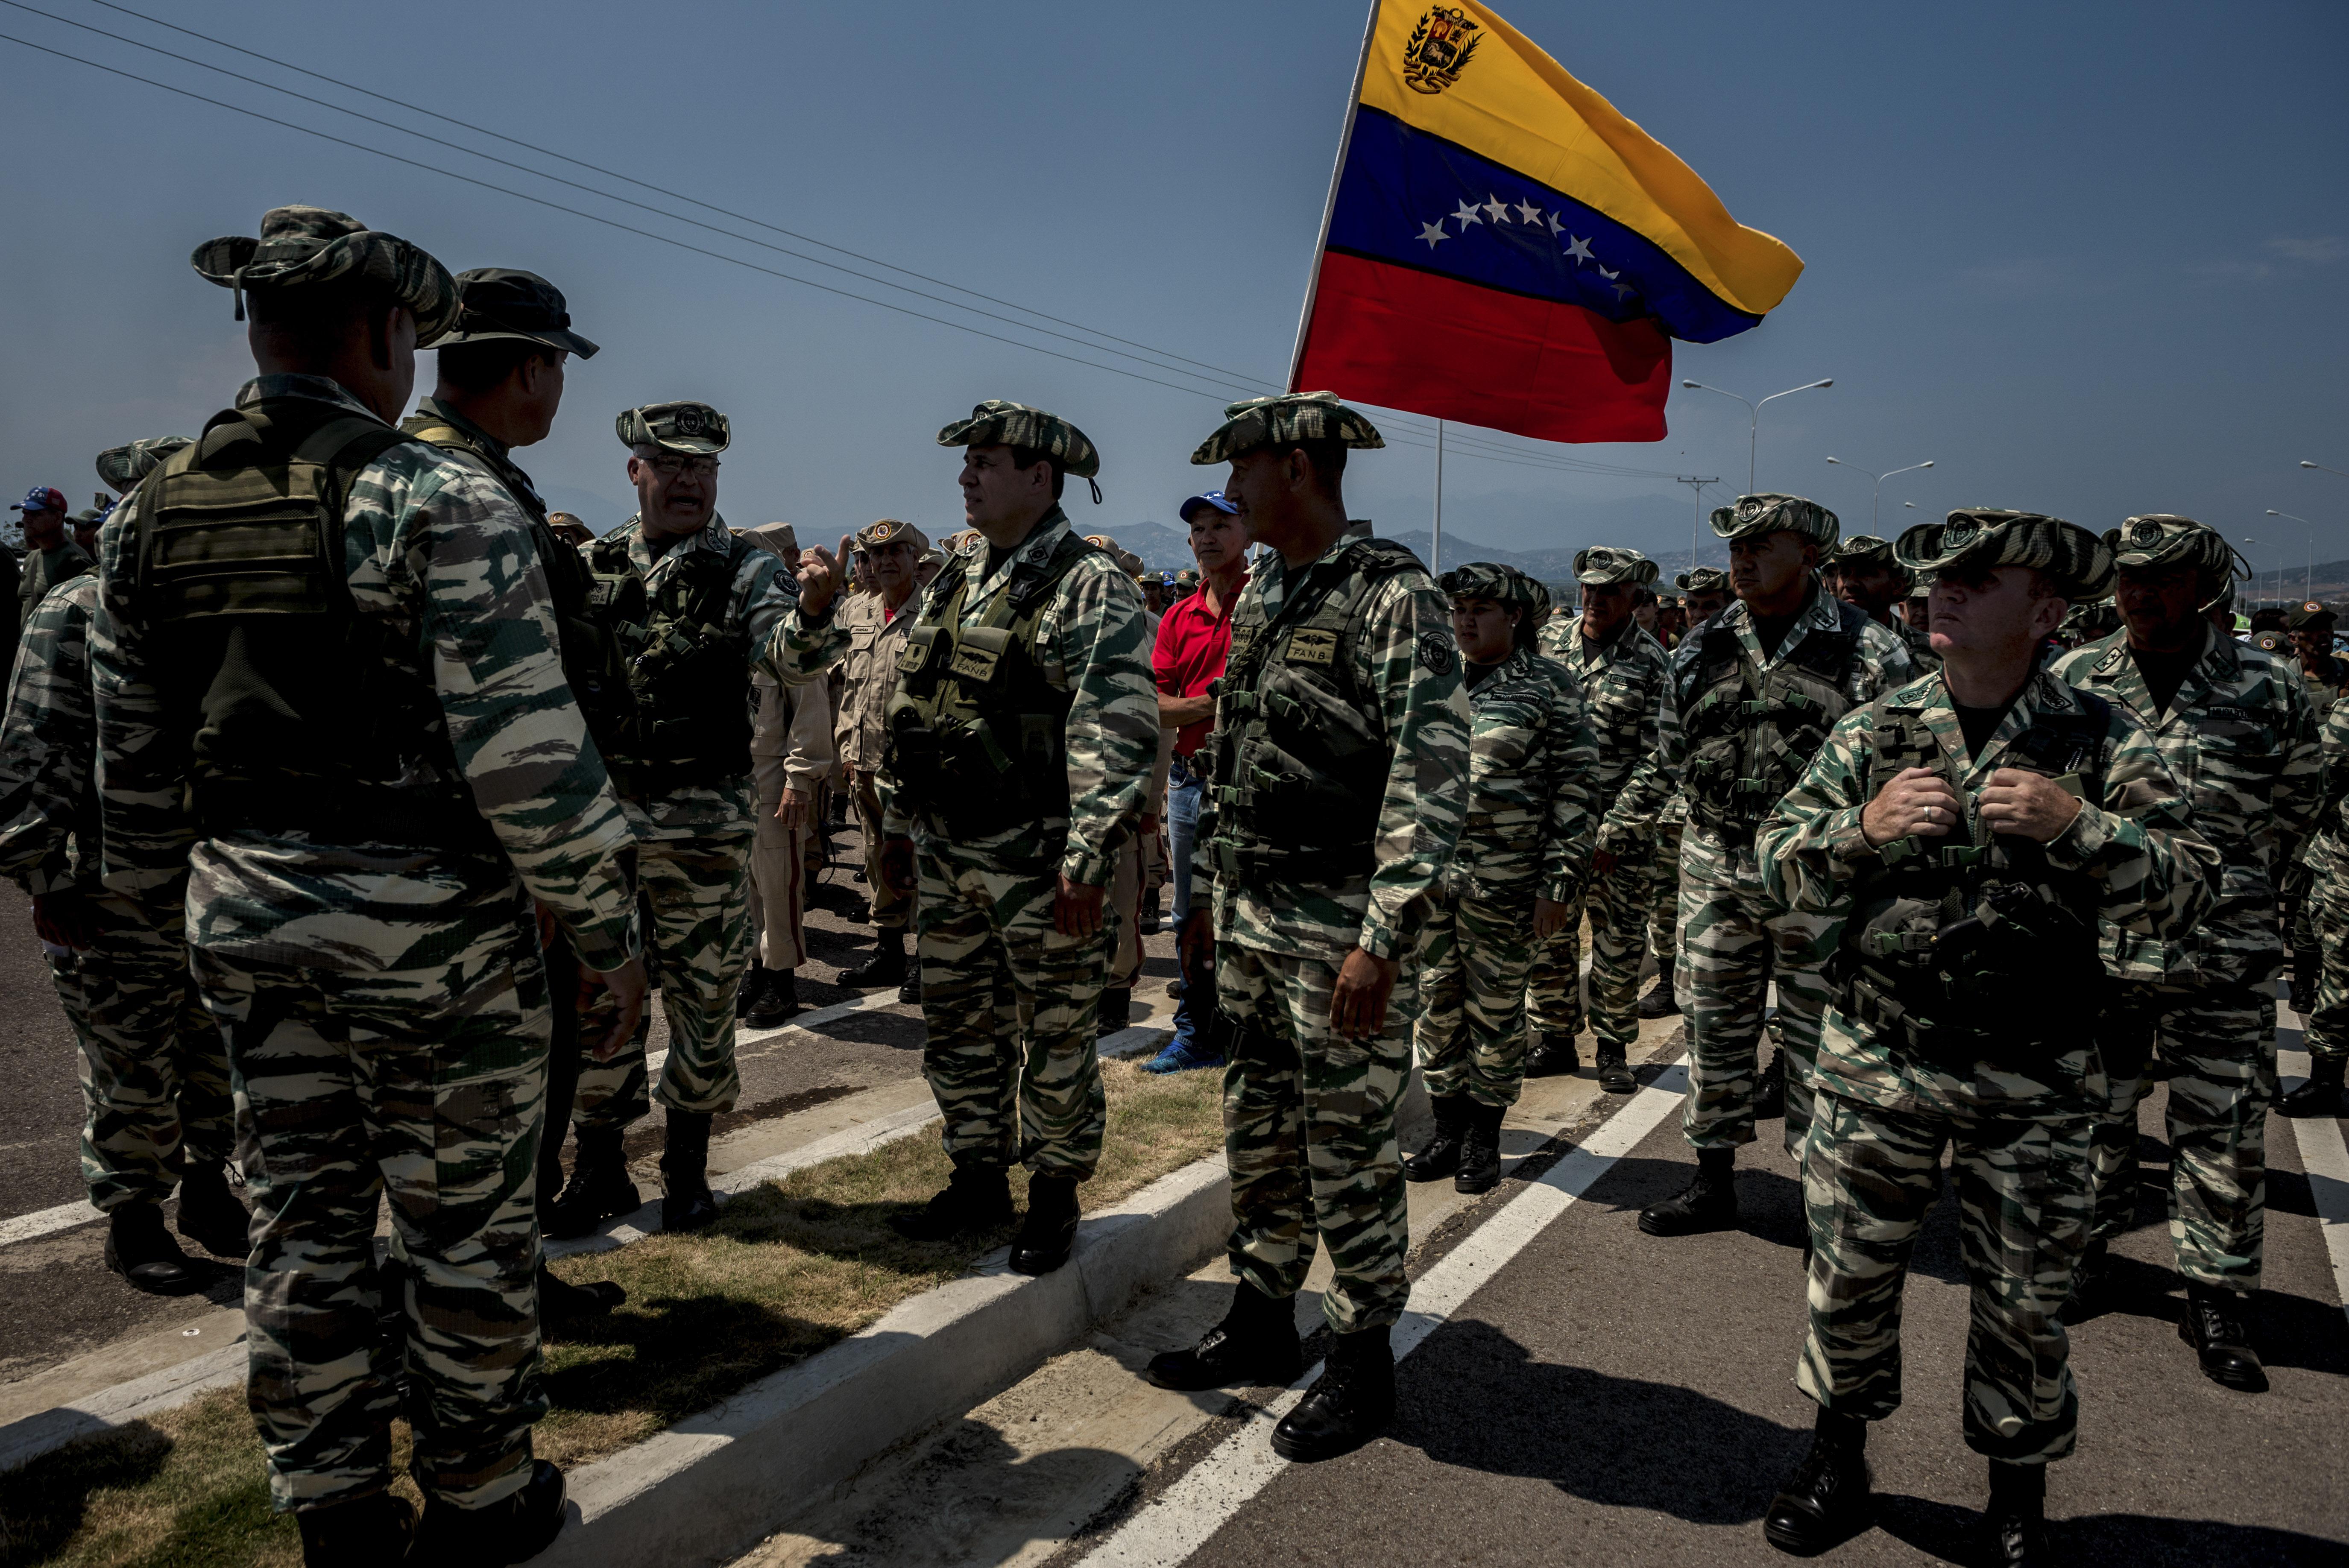 Soldados venezolanos en un puente cerca a la frontera colombiana, cerca a Cúcuta. (Meridith Kohut/The New York Times)